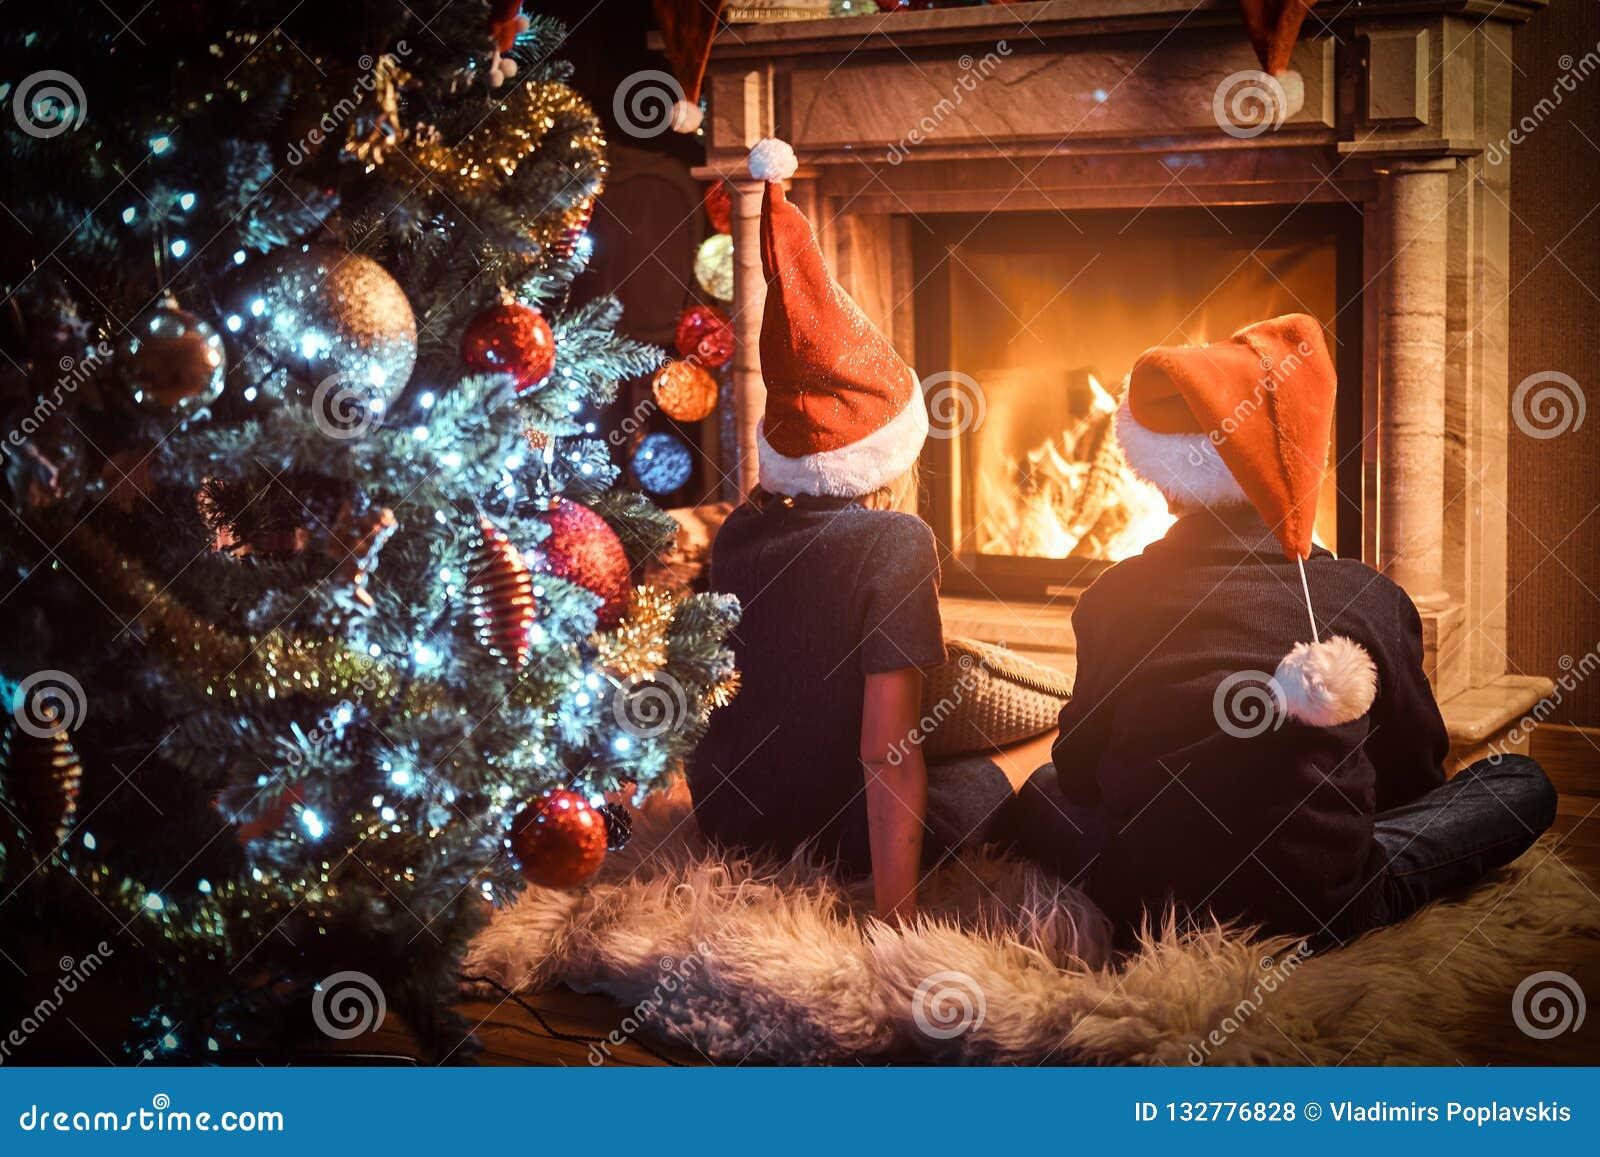 Задний взгляд, брат и сестра нося шляпы Санта грея рядом с камином в живущей комнате украшенной для рождества